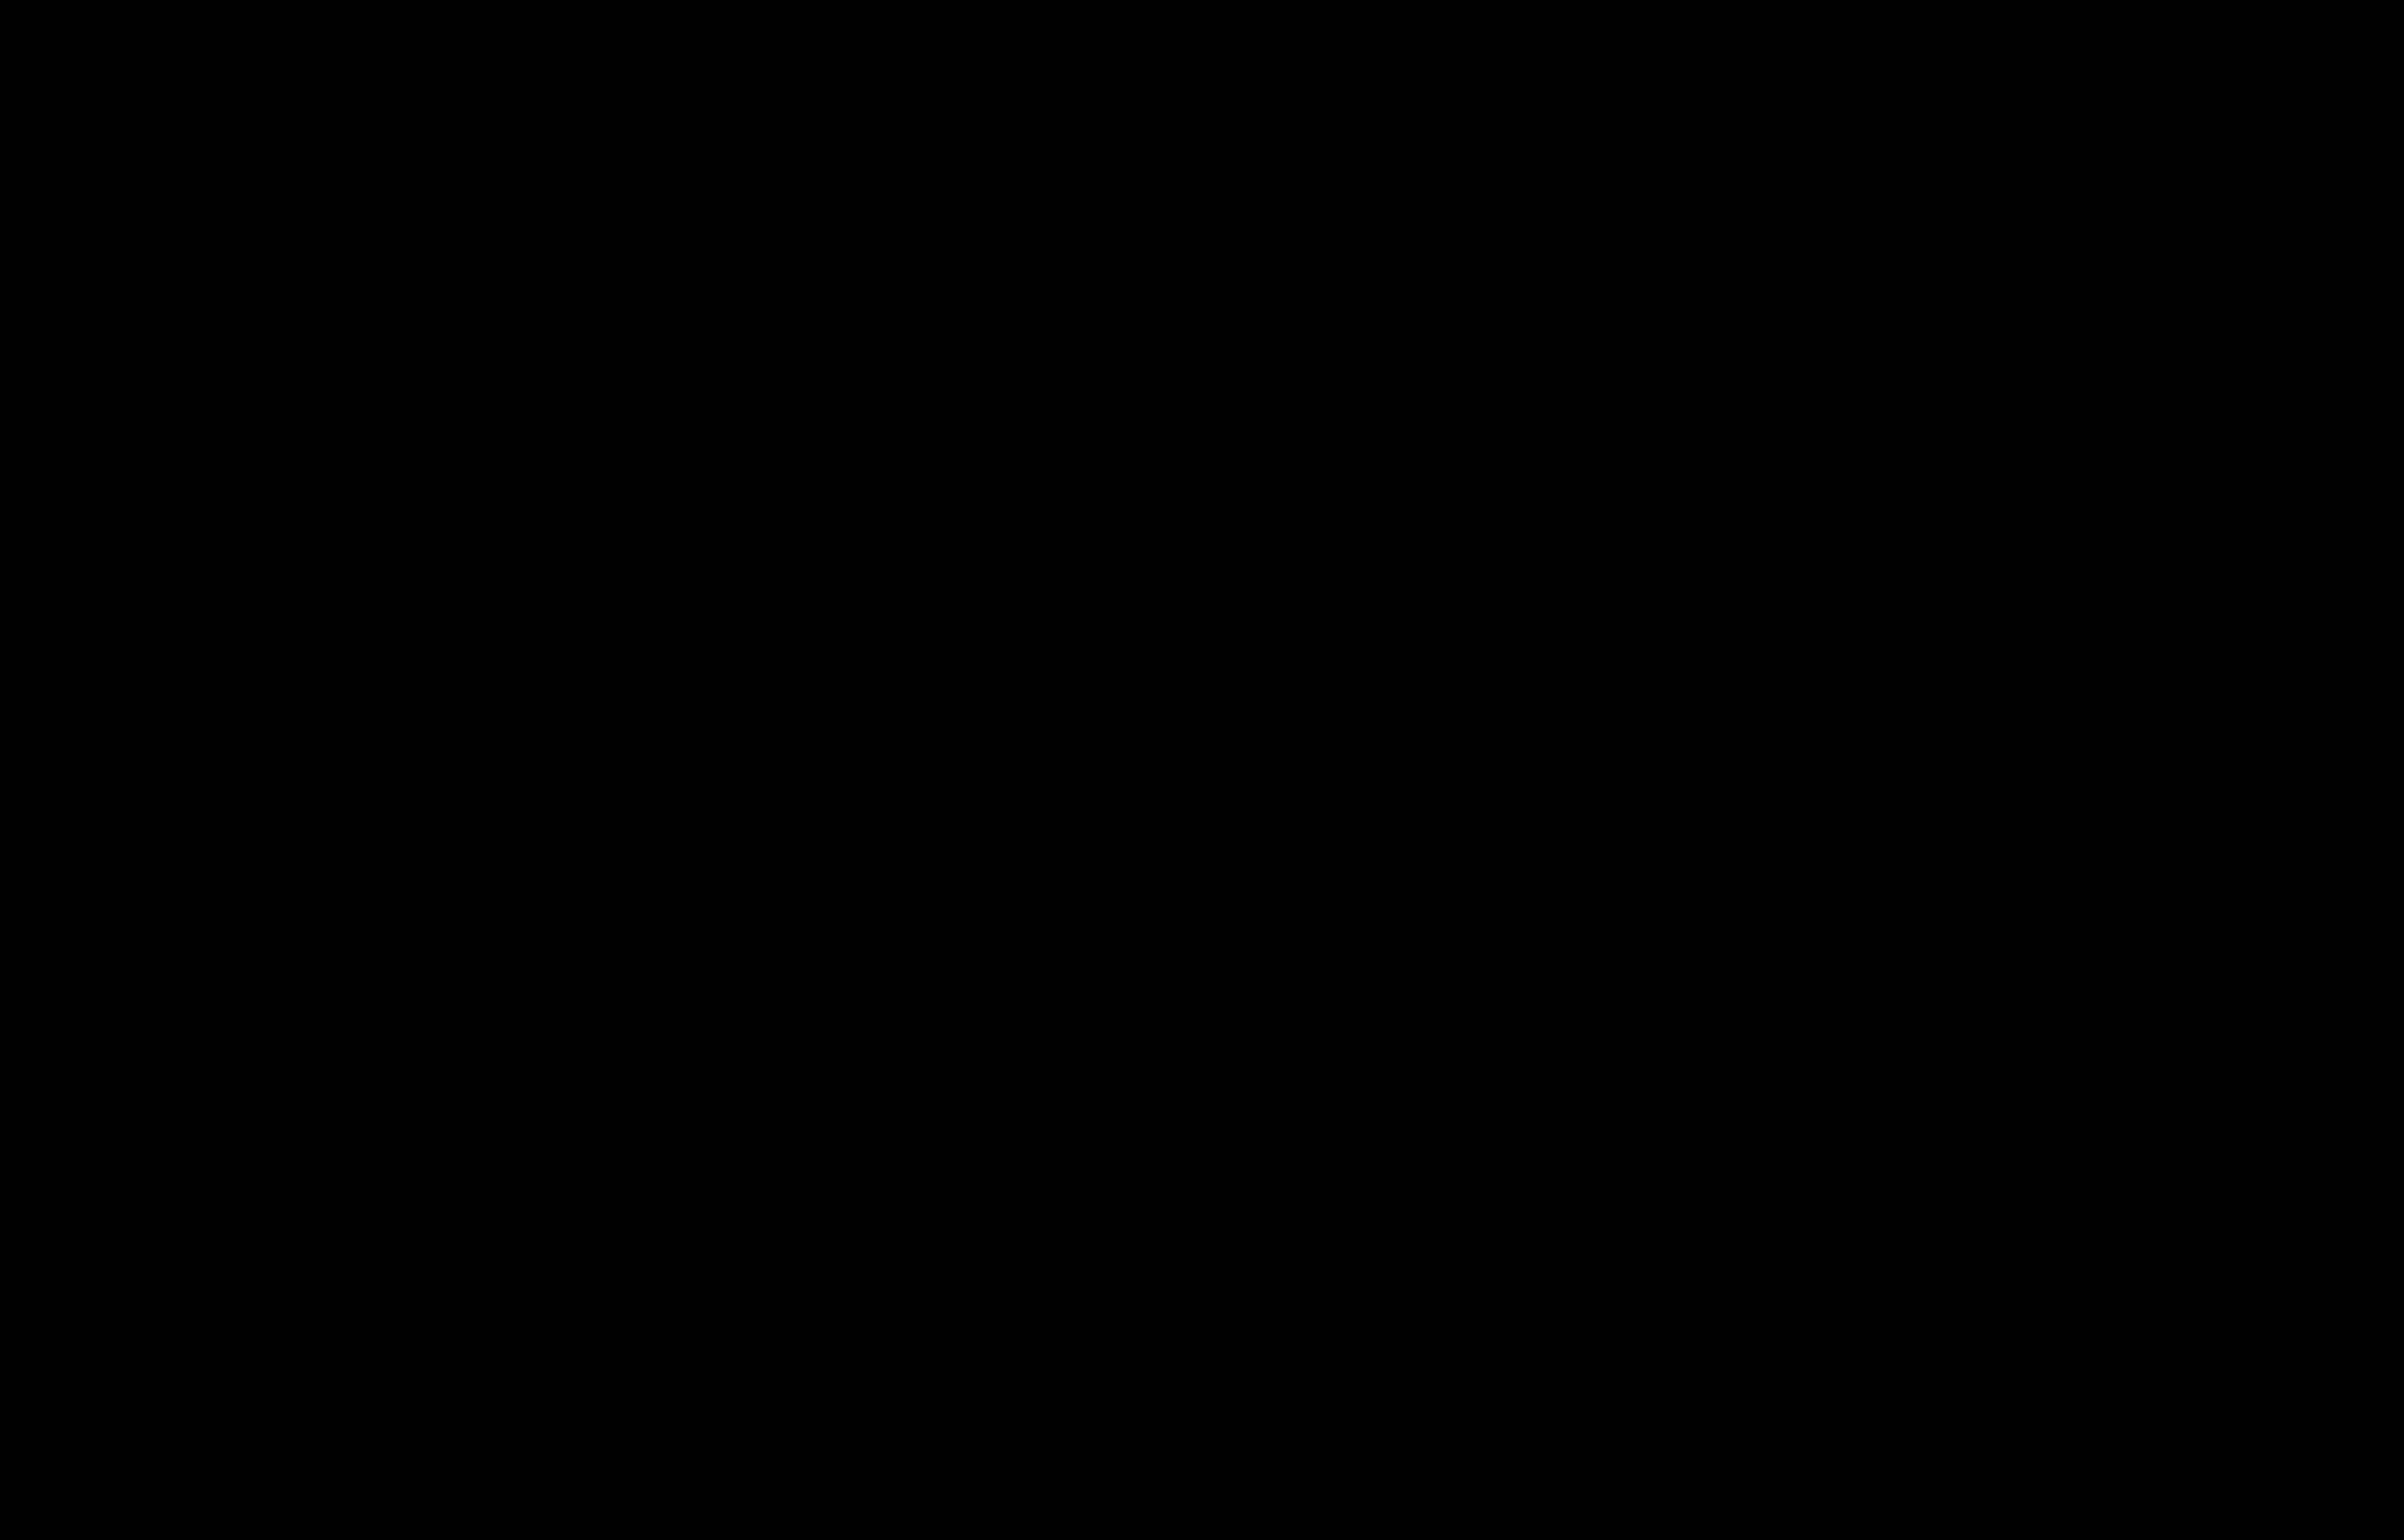 Plan du cadastre napoléonien - Atlas cantonal - Belloy-en-Santerre (Belloy) : C